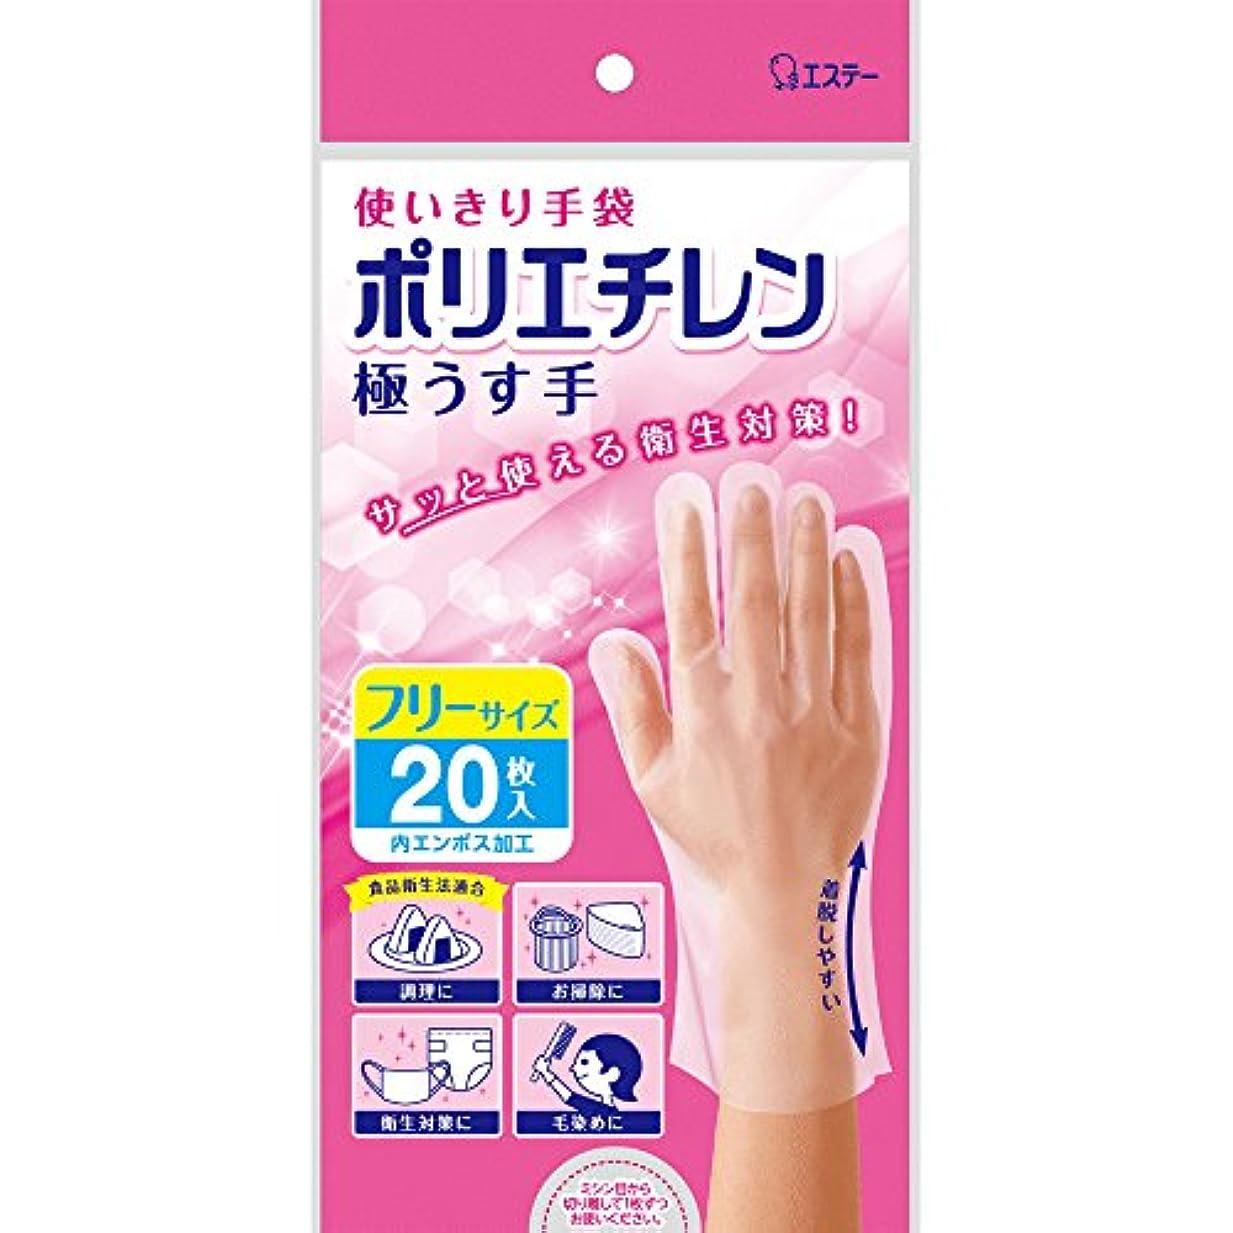 承認する認める希望に満ちた使いきり手袋 ポリエチレン 極うす手 フリーサイズ 半透明N20枚